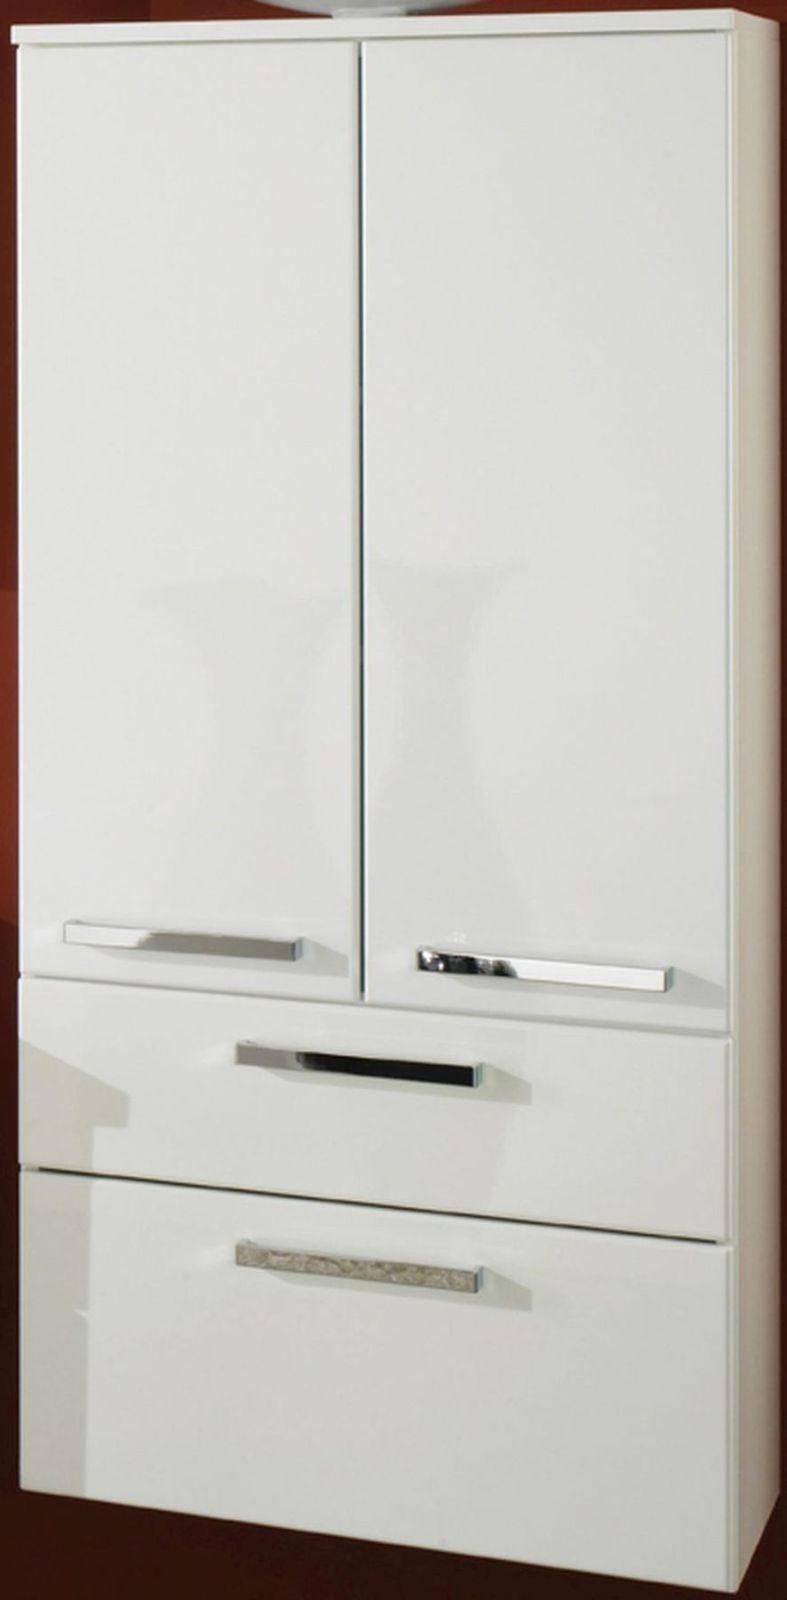 bad hochschrank 131 x 60 x 32 cm midischrank badm bel badschrank hs ram breit kaufen bei. Black Bedroom Furniture Sets. Home Design Ideas